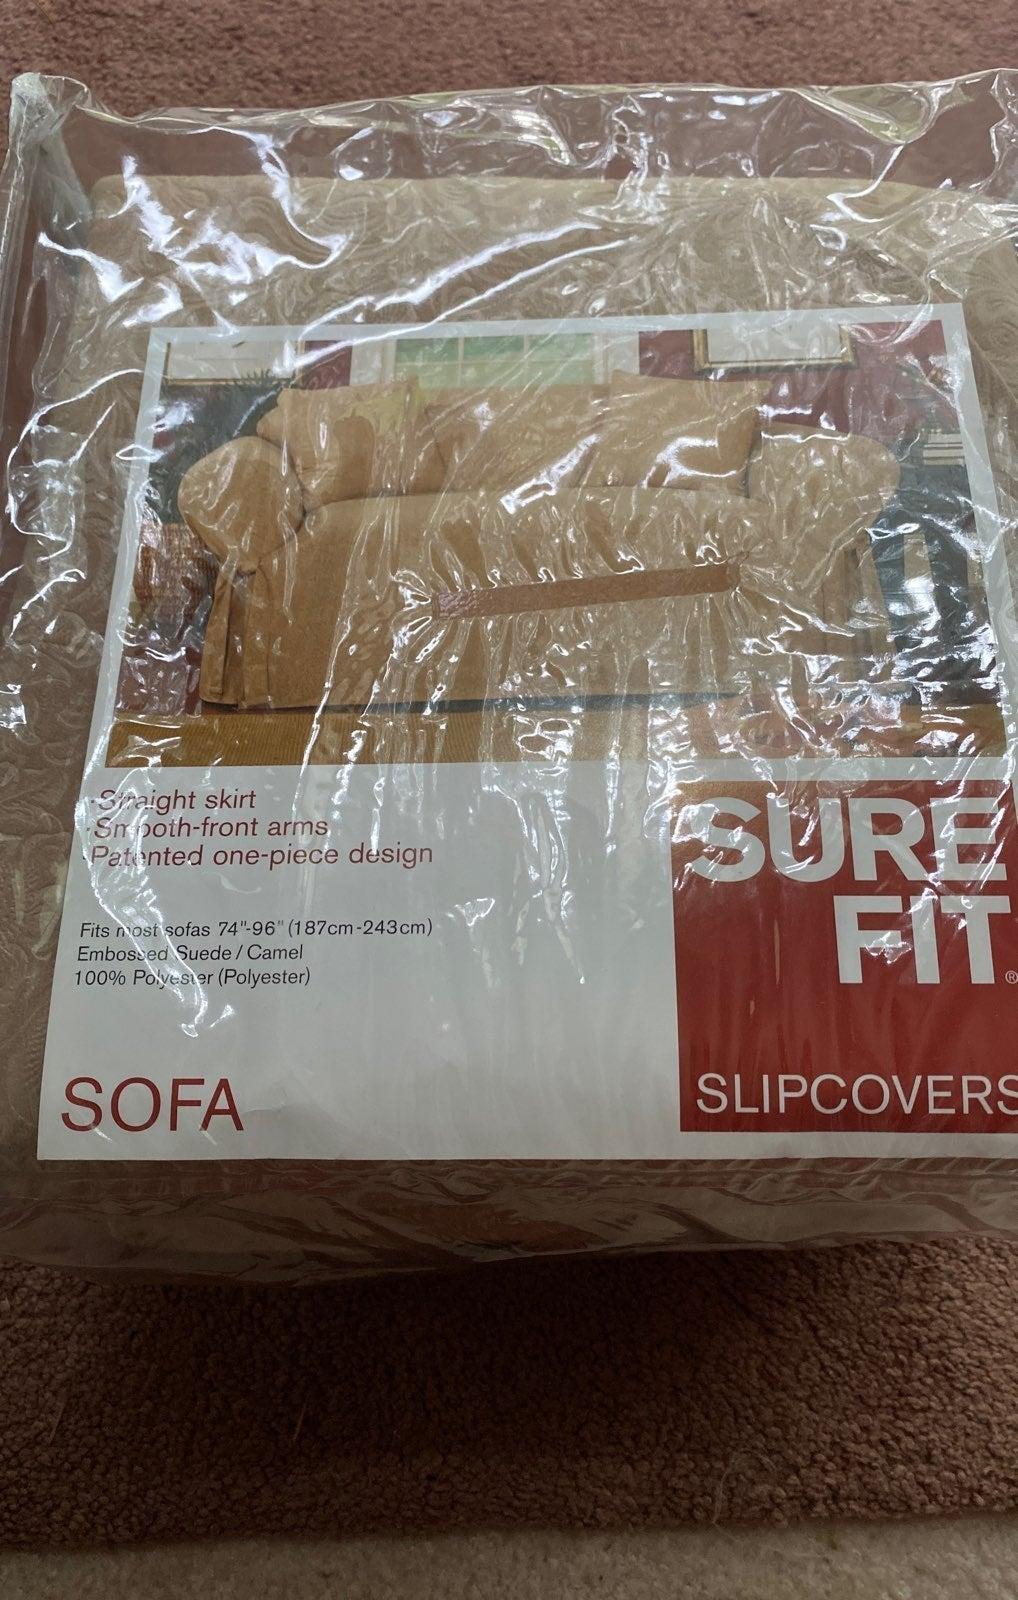 surefit slip cover-sofa